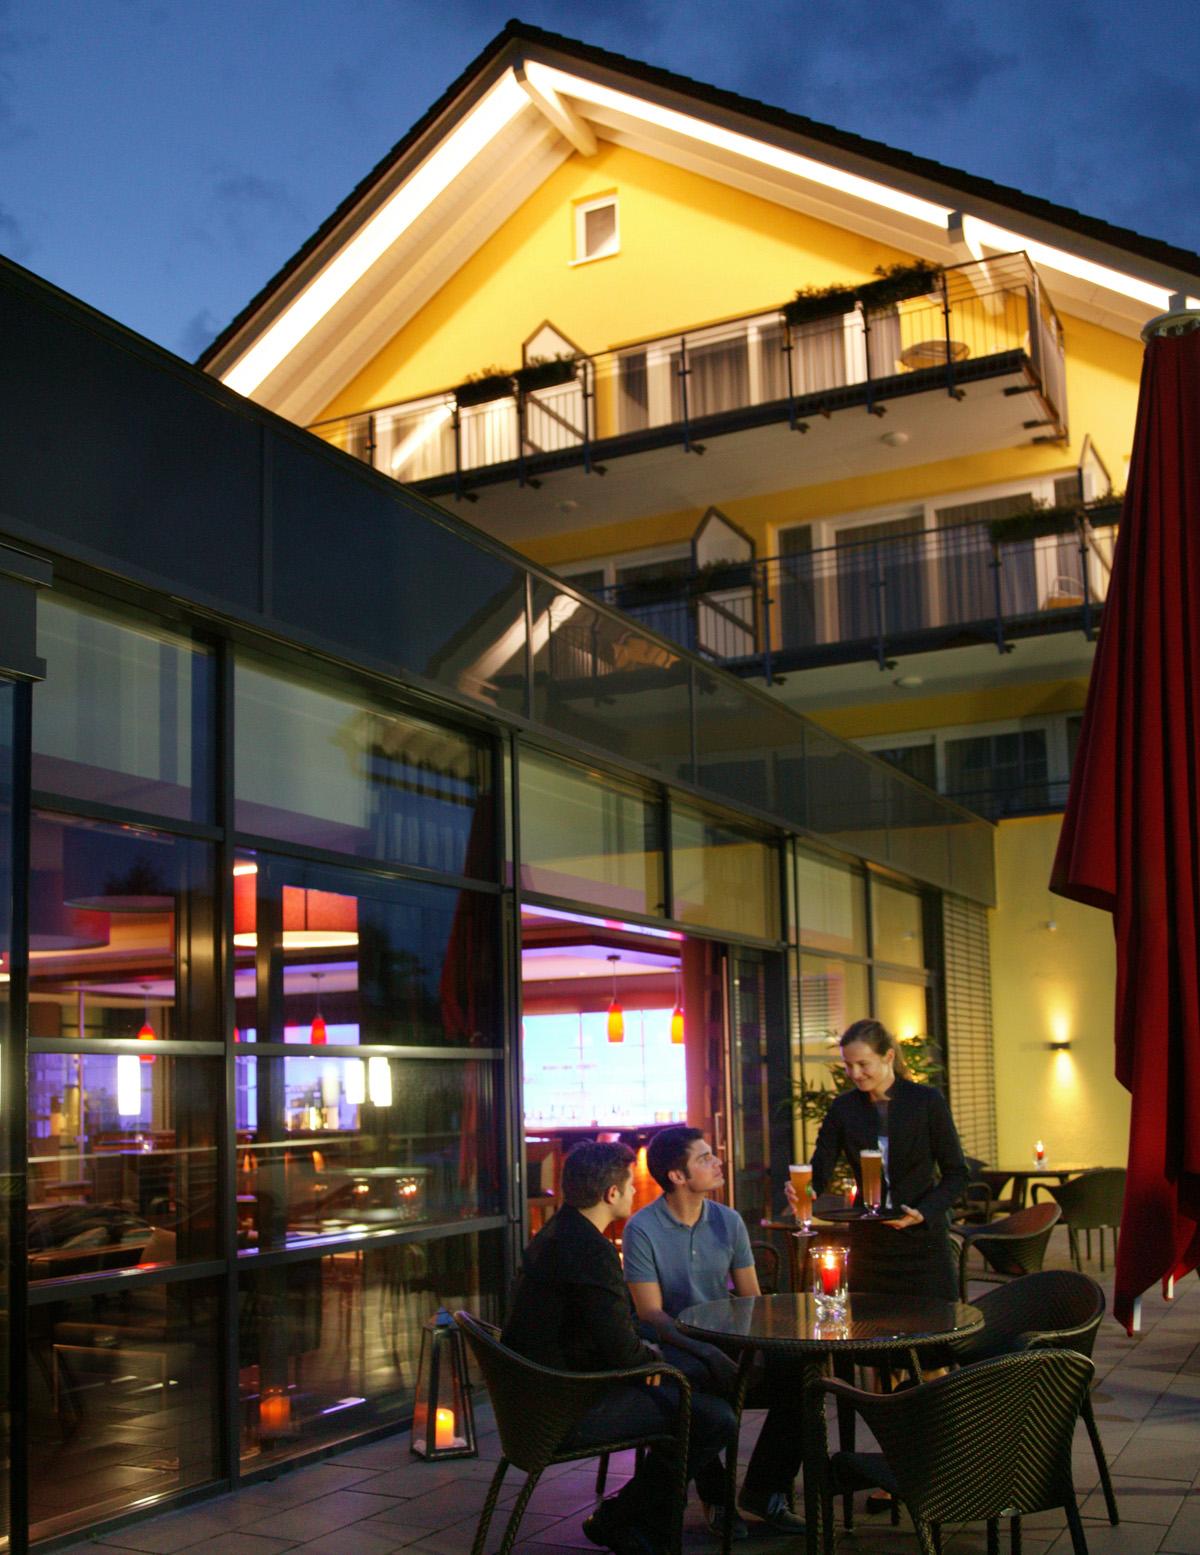 Terrasse - Hotel Sonne, Rudersberg/schlechtbach